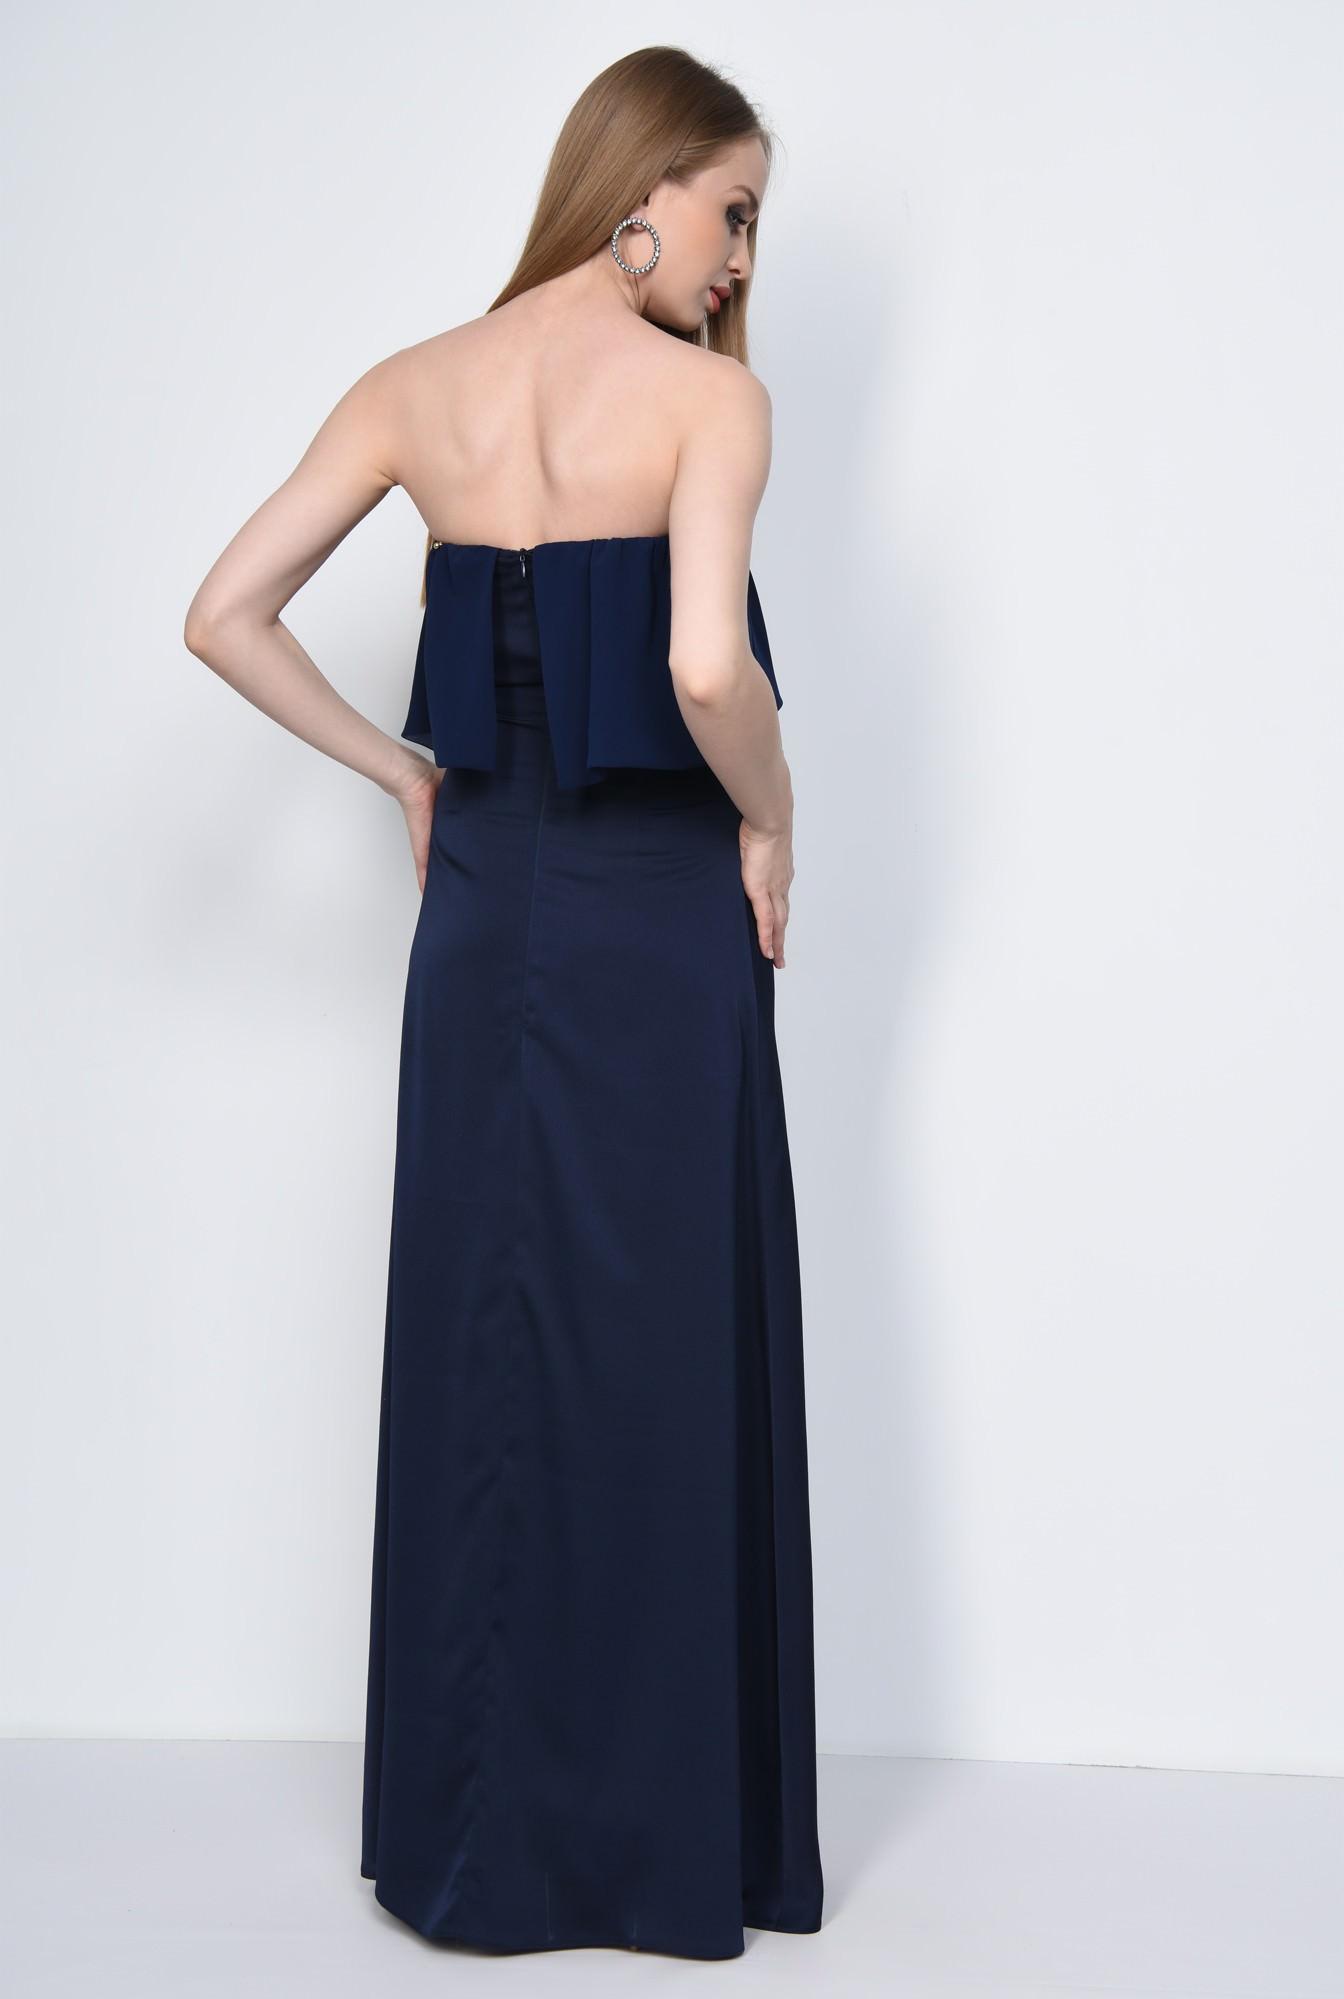 1 - Rochie eleganta lunga, bleumarin